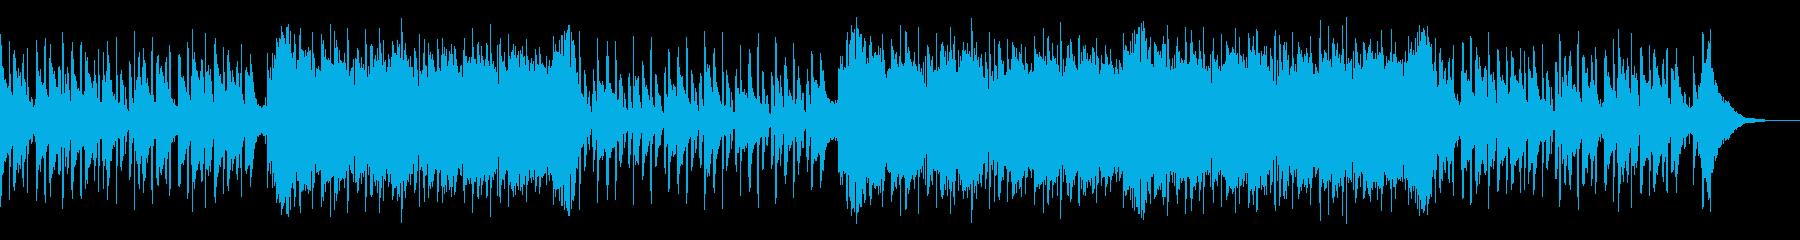 クールでかっこいいCM、製品紹介用BGMの再生済みの波形